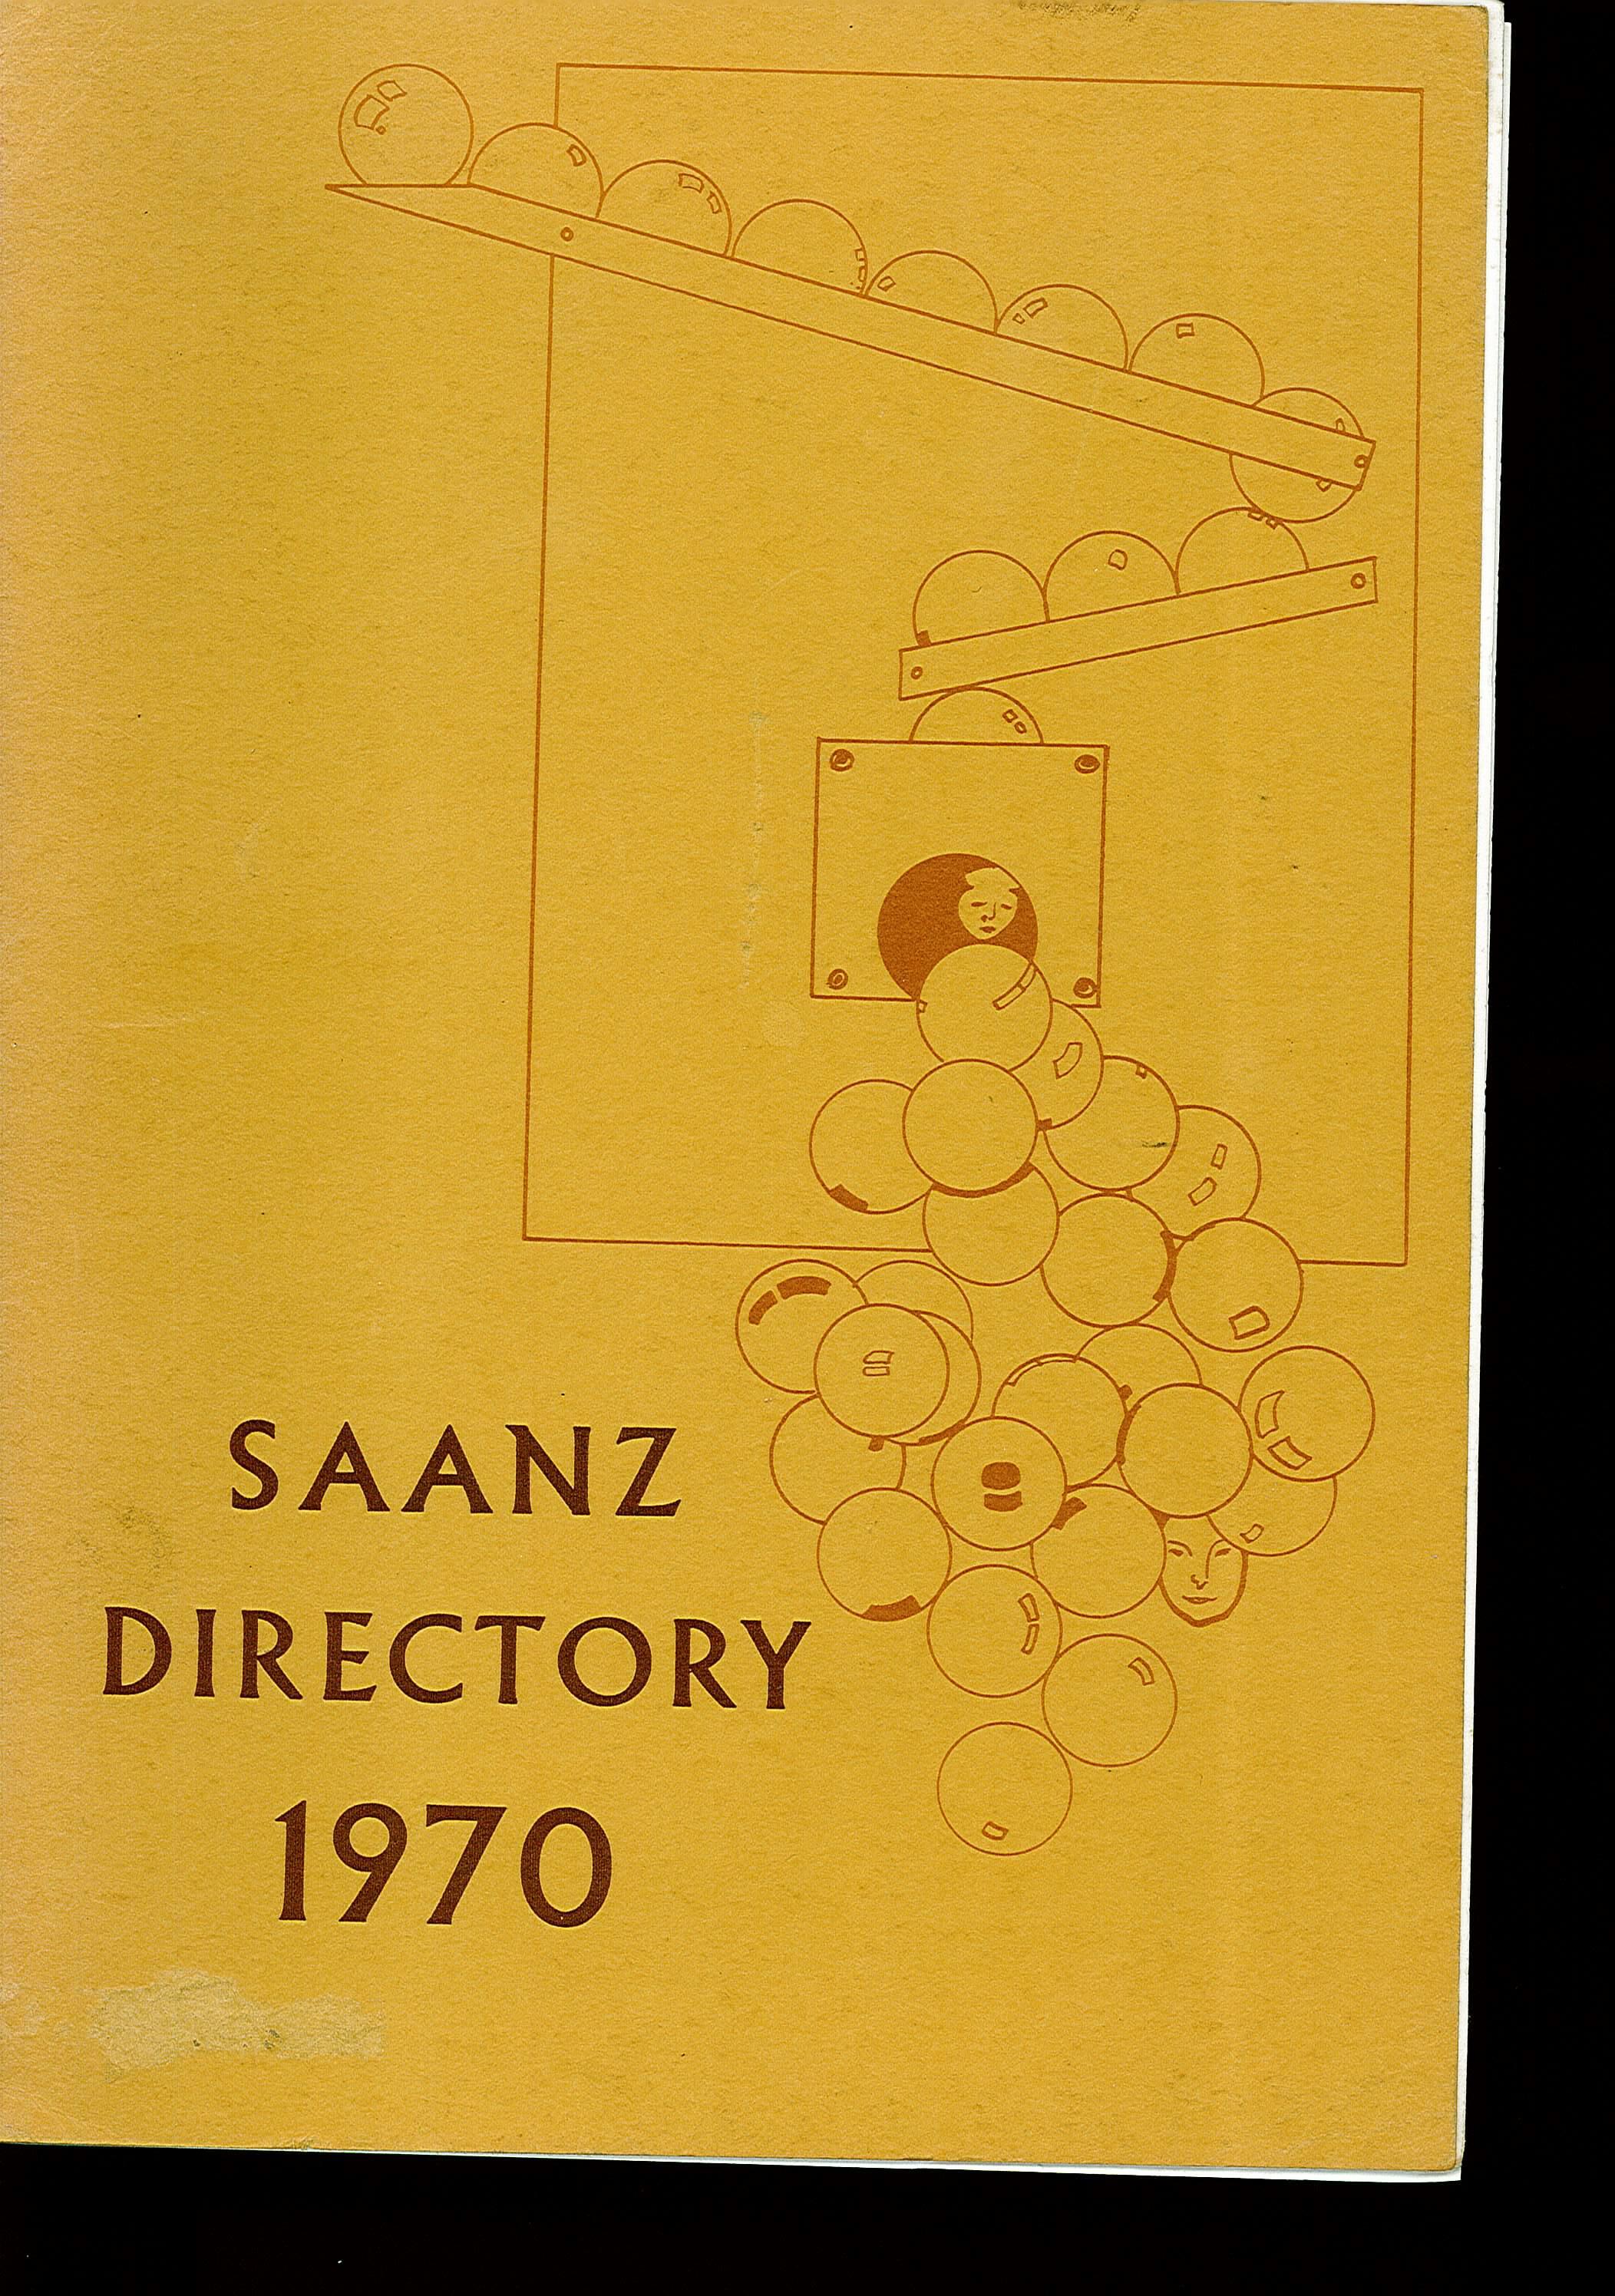 1970 membership cover